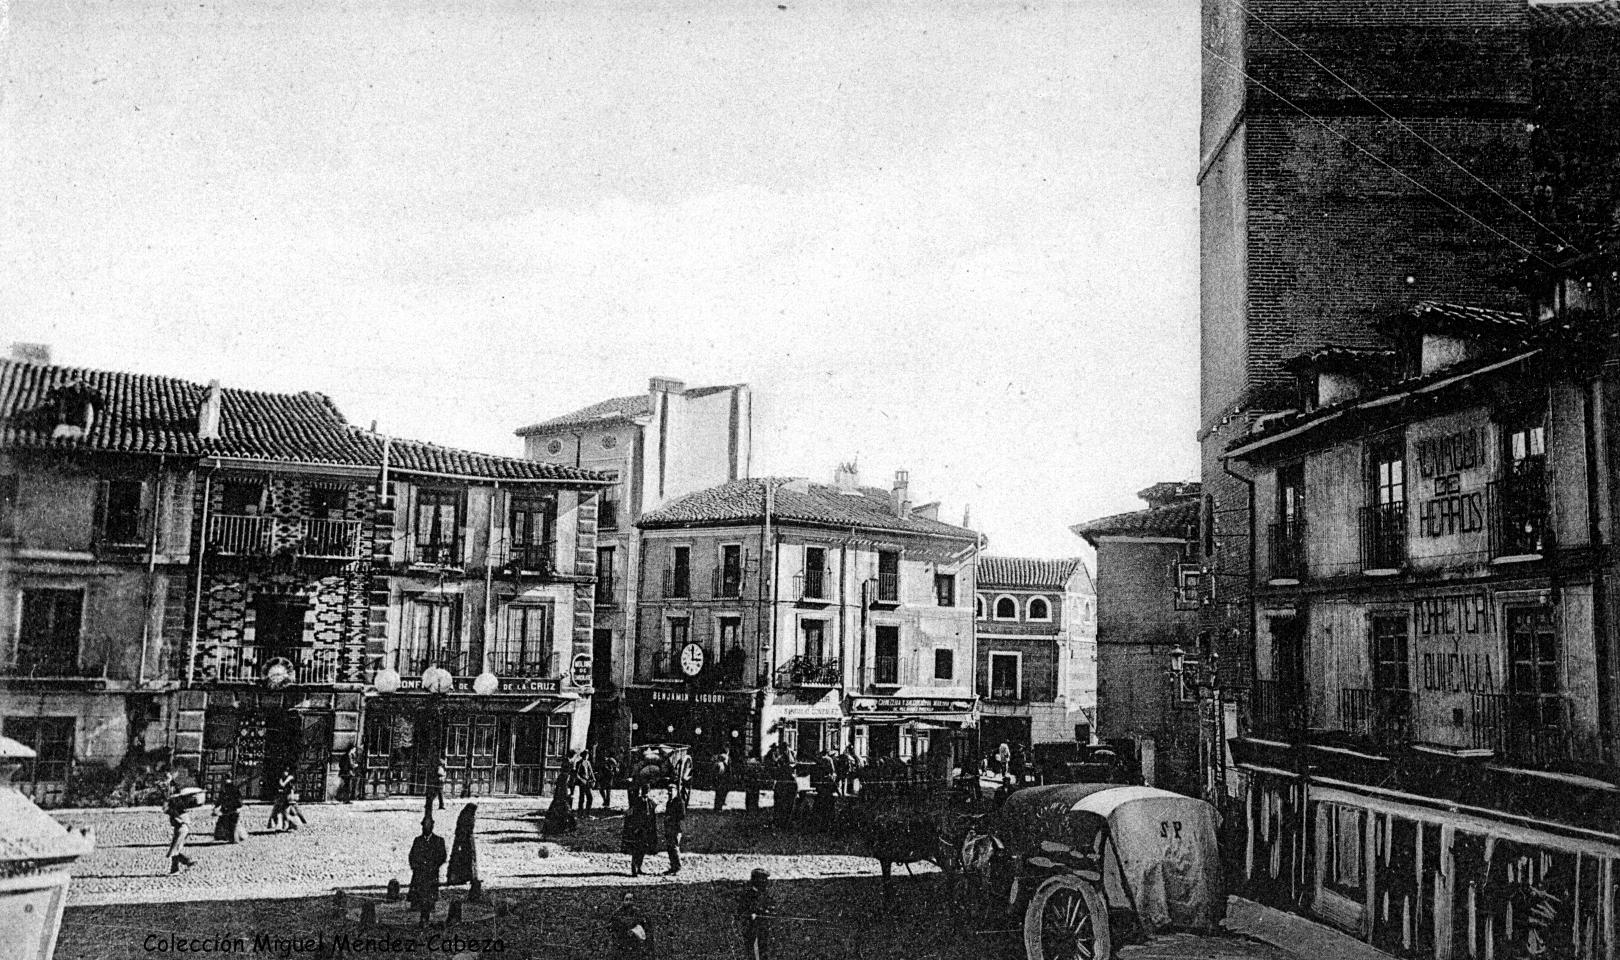 Foto de la plaza del Reloj a principios de siglo. Con un aspecto no muy diferente del que tendría durante el pronunciamiento carlista